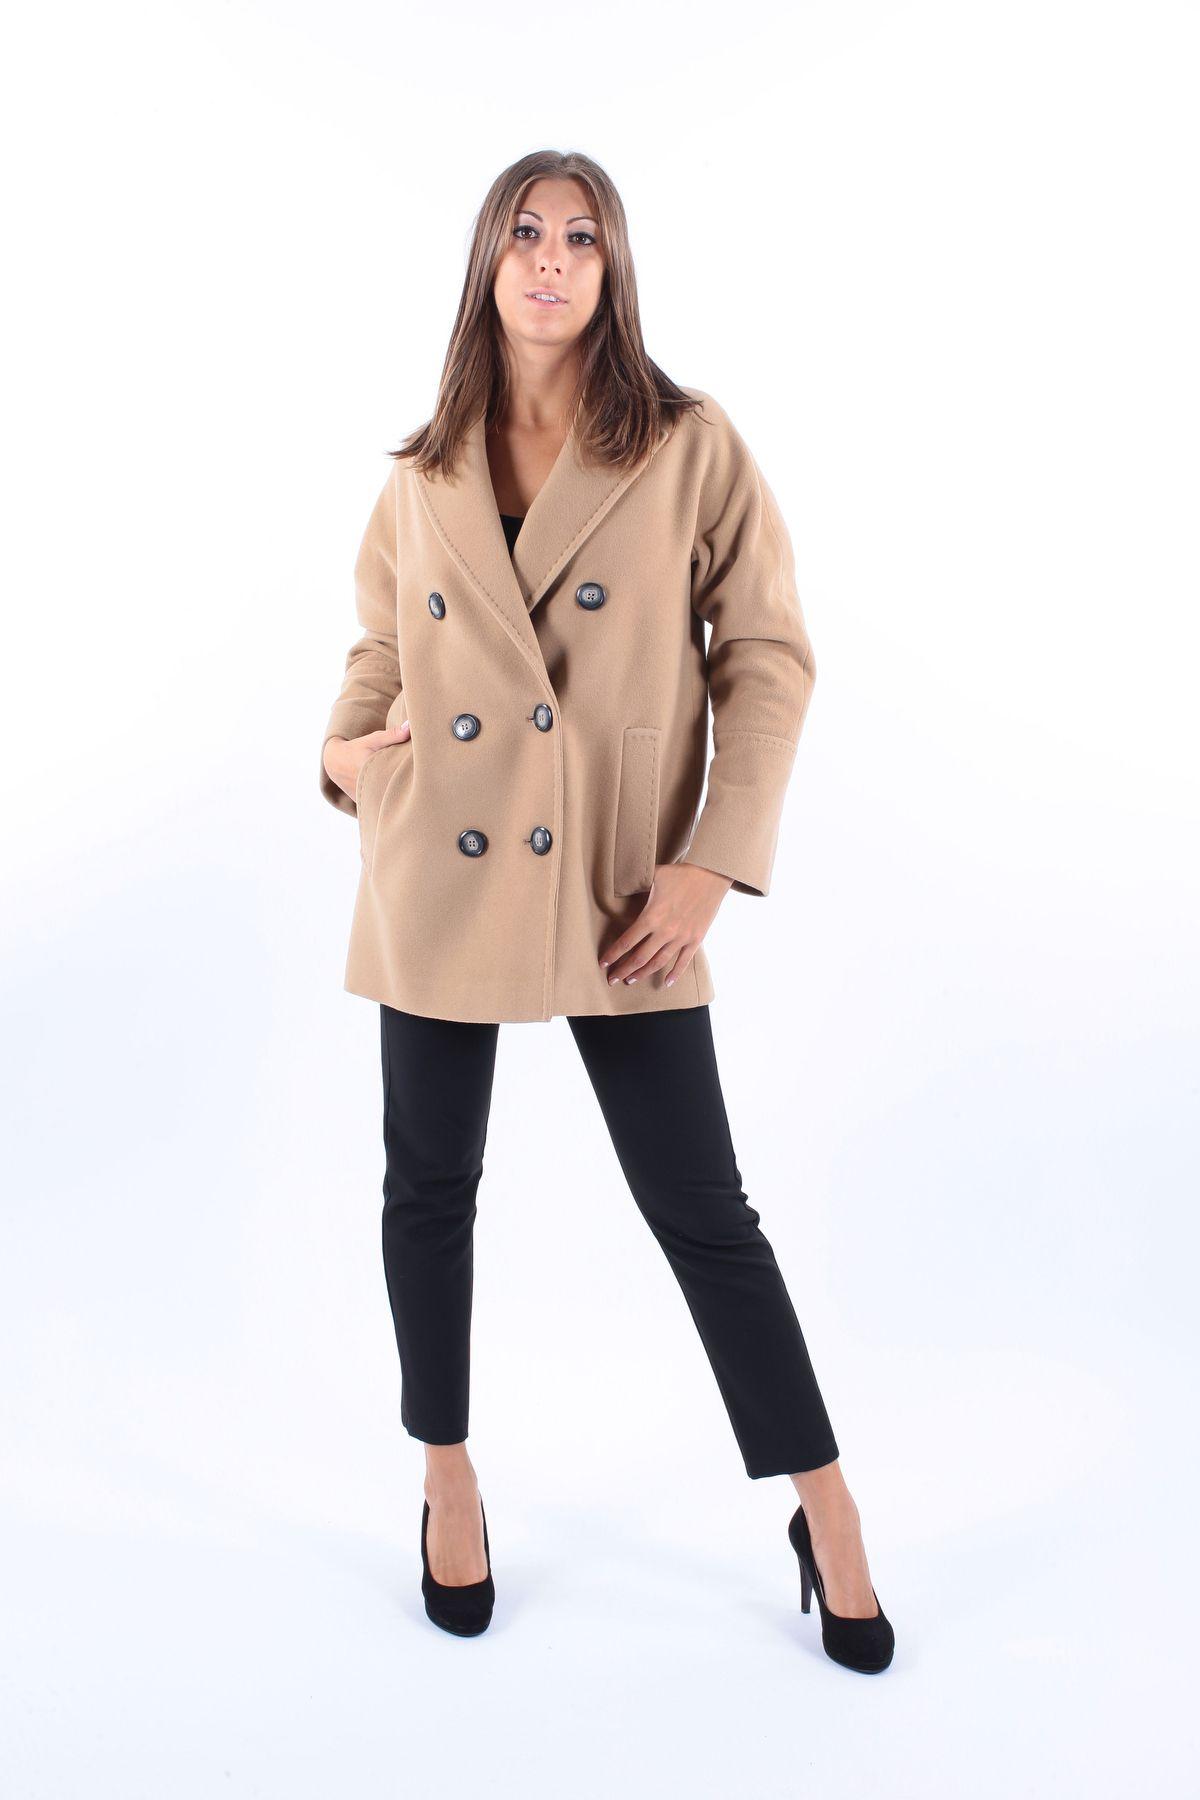 CAPPOTTO CORTO IN LANA MISTO CACHEMIRE  CON CHIUSURA DOPPIO PETTO da donna -  - Paquito Pronto Moda Shop Online